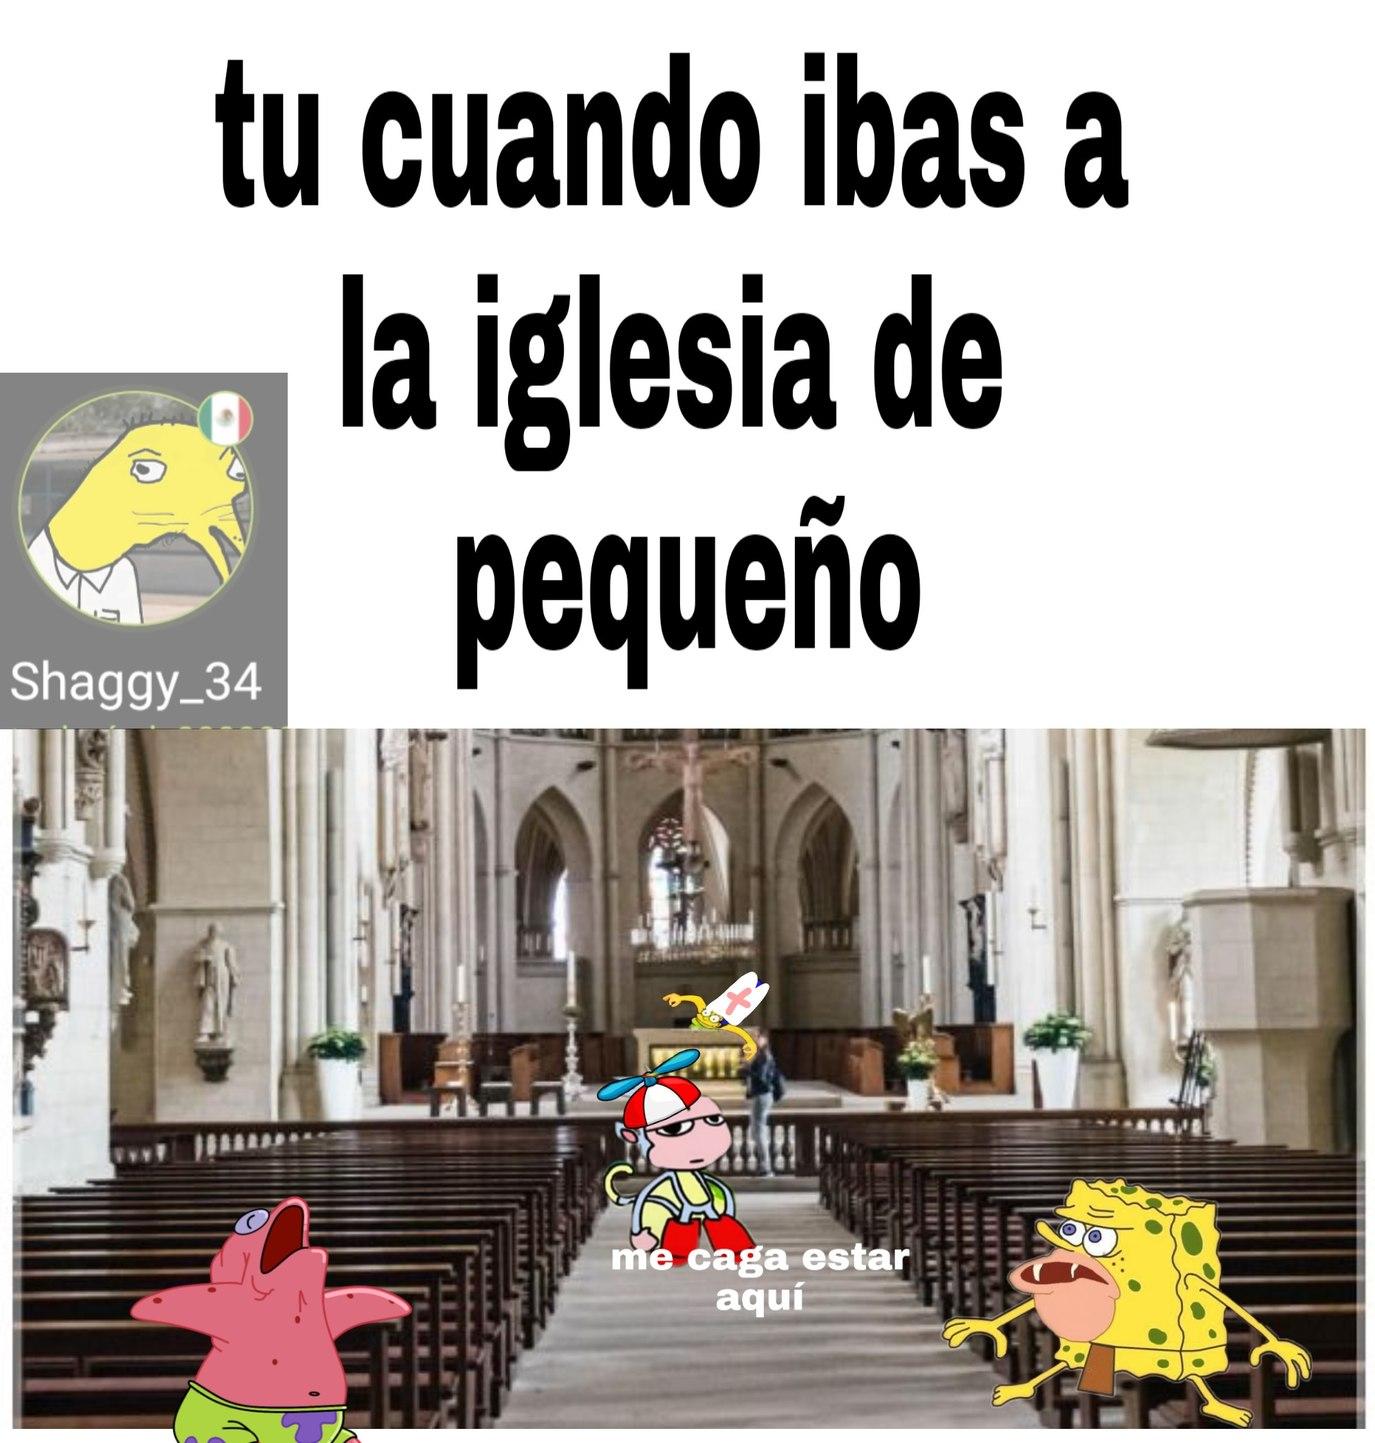 Esos de la iglesia - meme